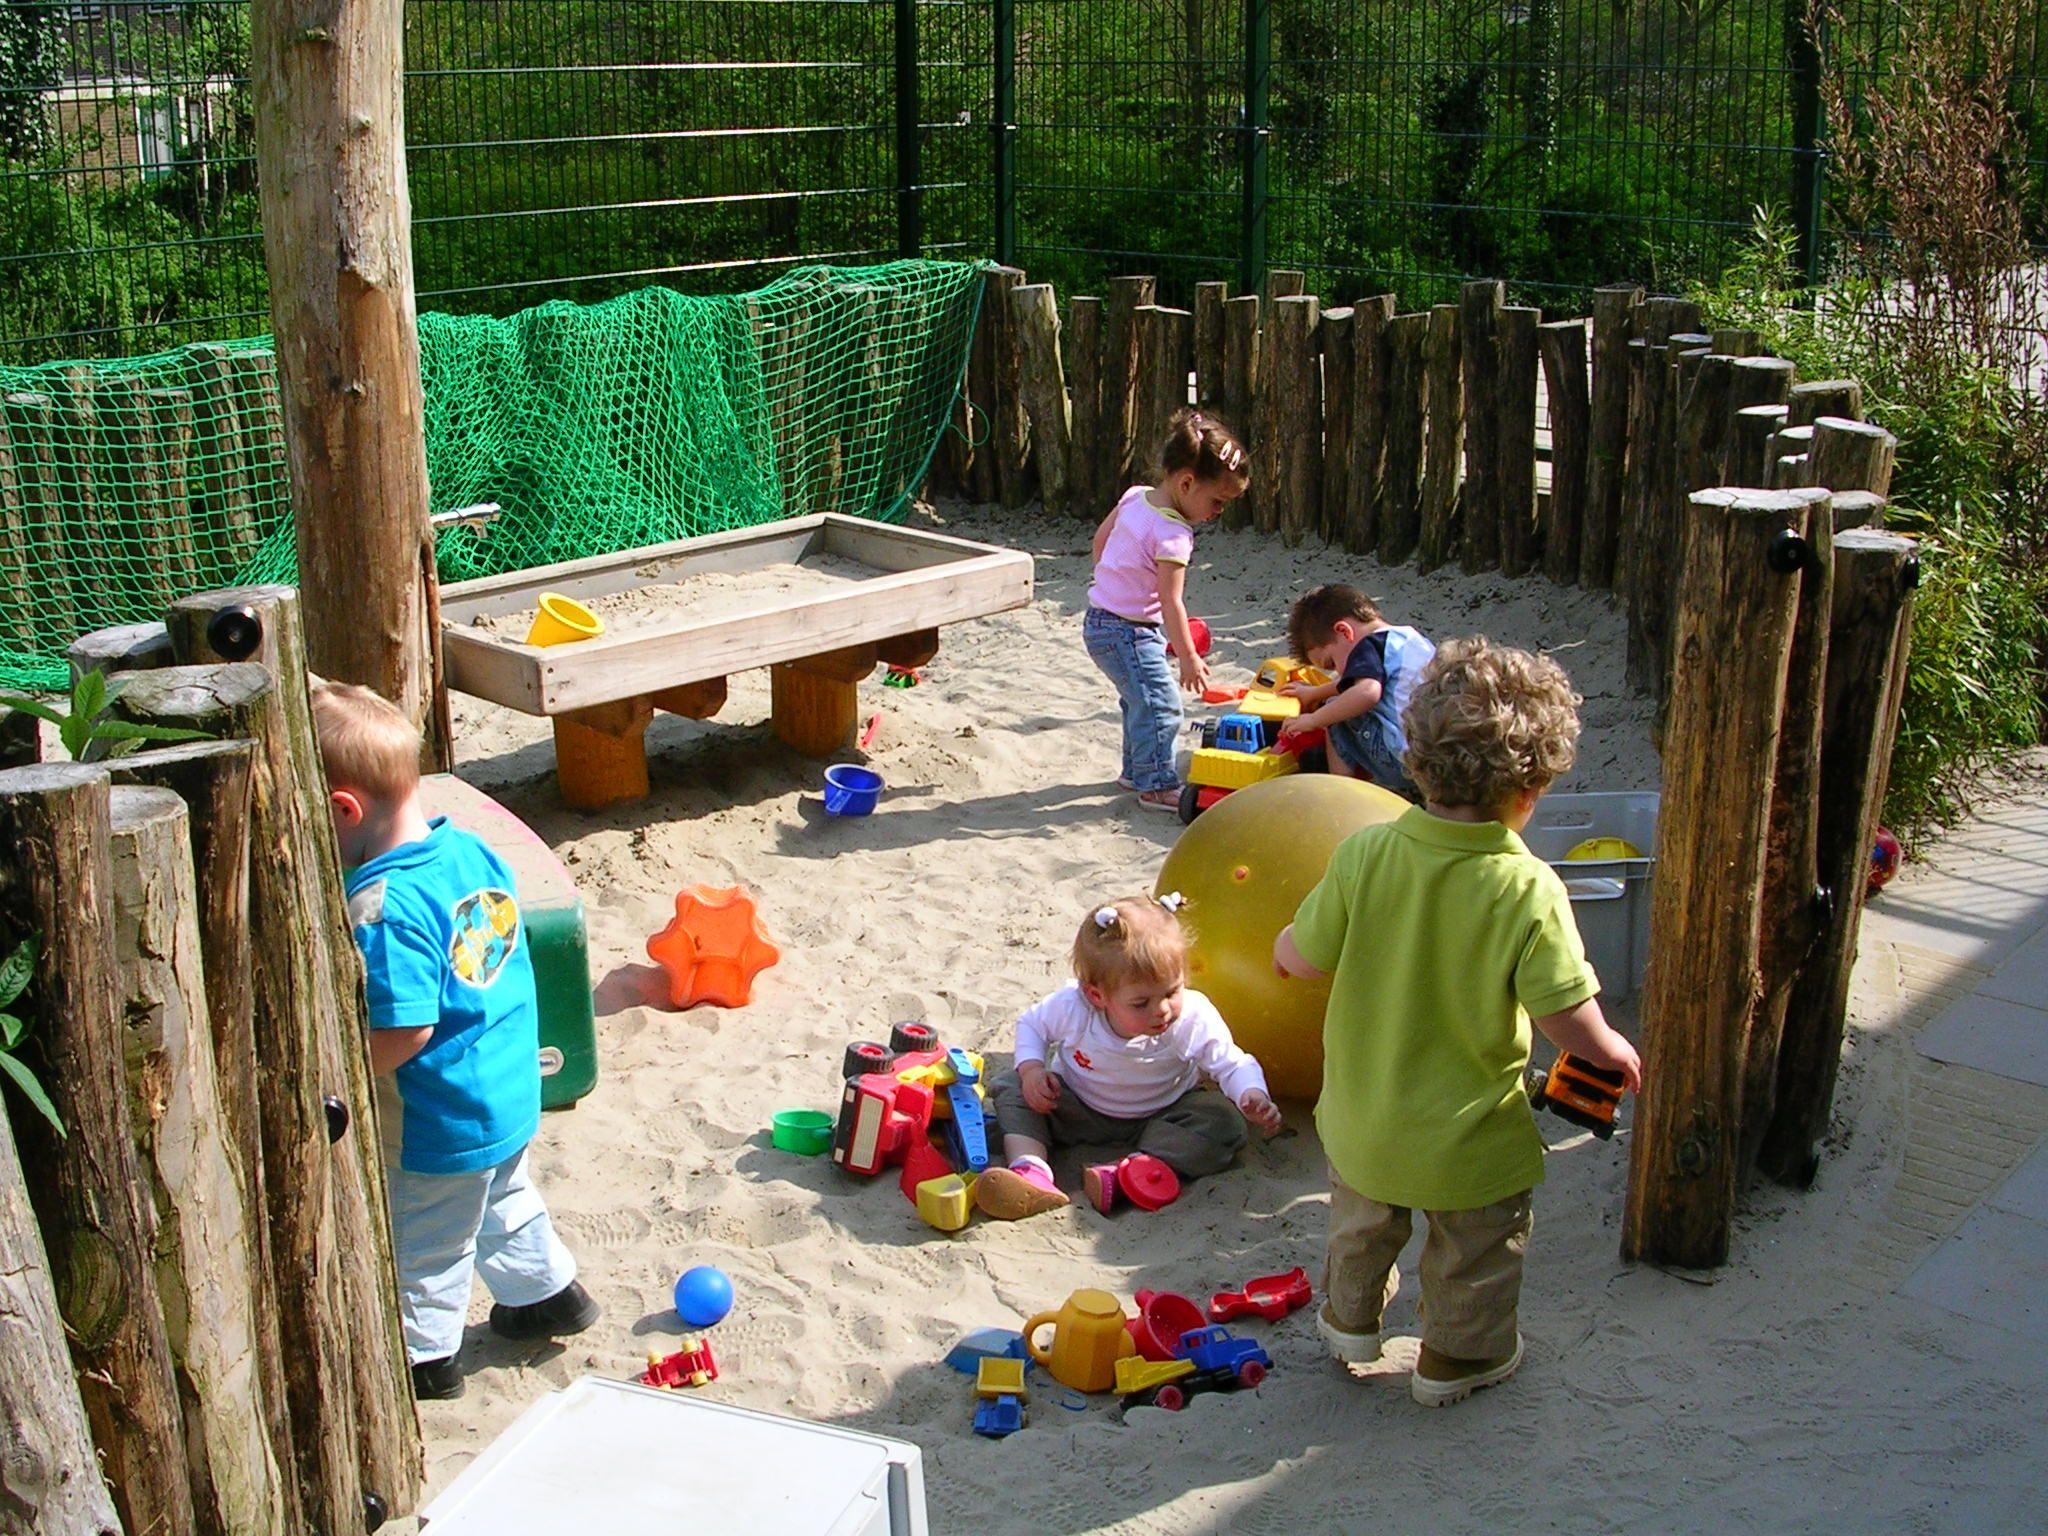 Speelplaats ideeen google zoeken speelplaats pinterest zoeken en google - Buiten image outs ...